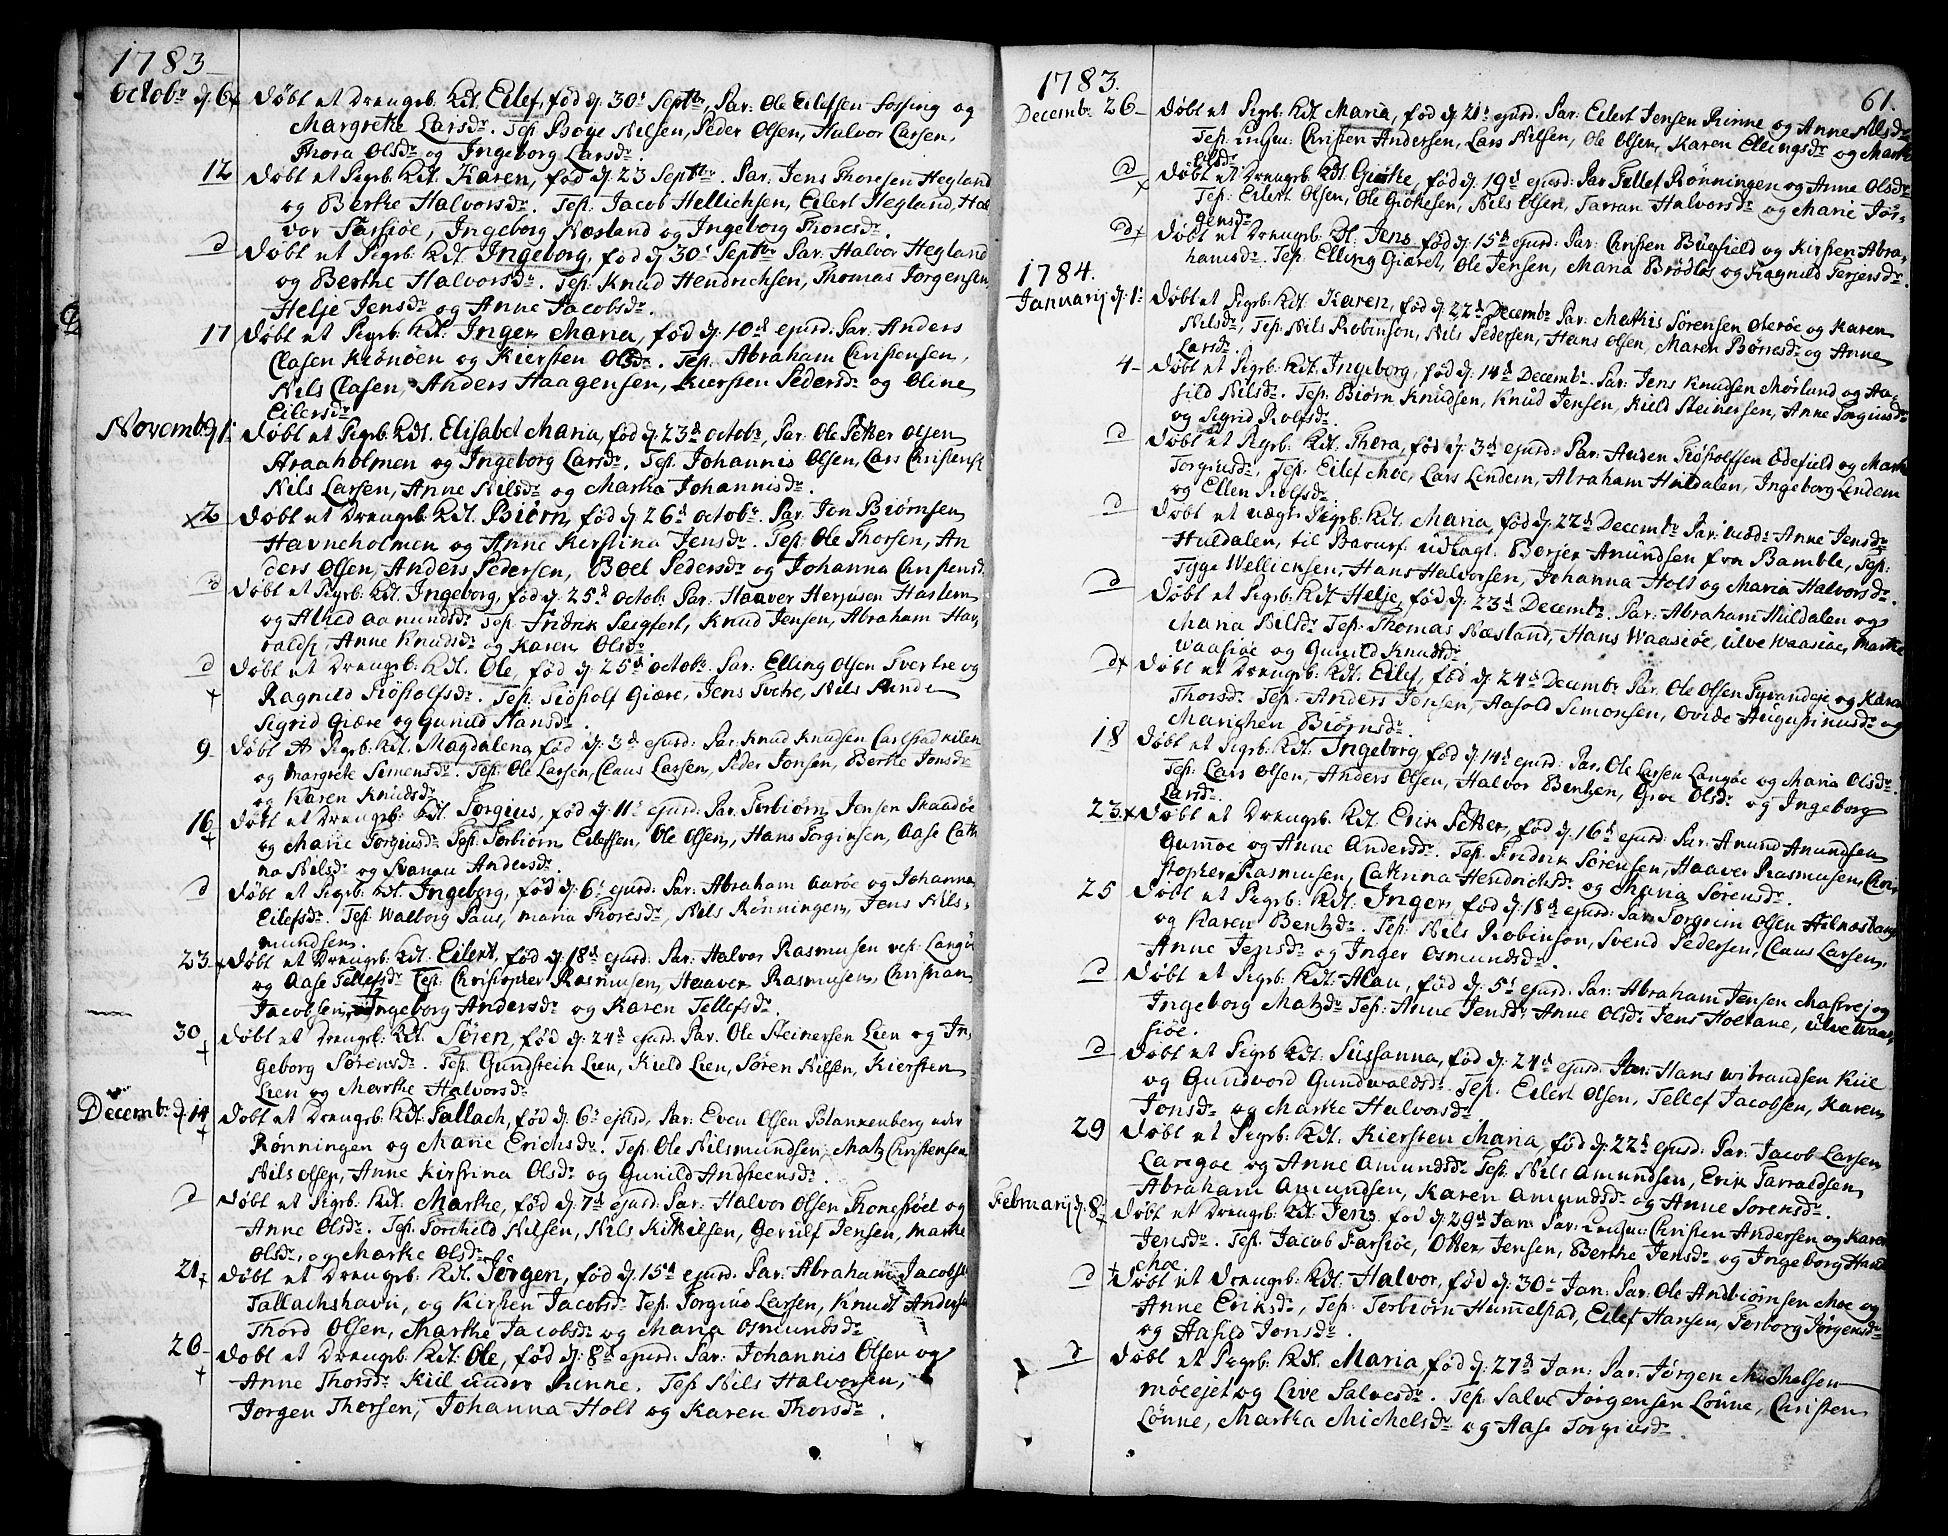 SAKO, Sannidal kirkebøker, F/Fa/L0002: Ministerialbok nr. 2, 1767-1802, s. 61